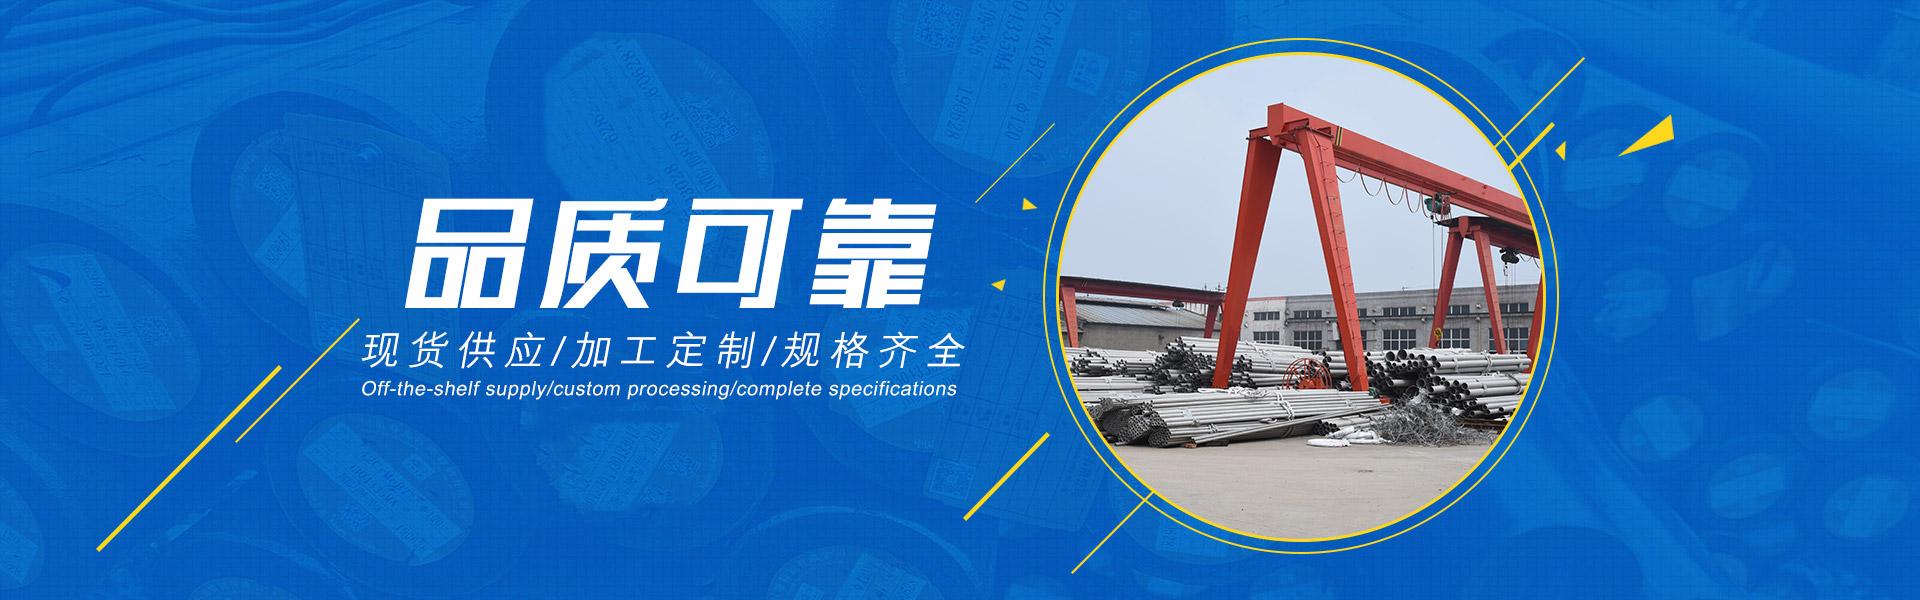 东台市泰浦不锈钢制品有限公司